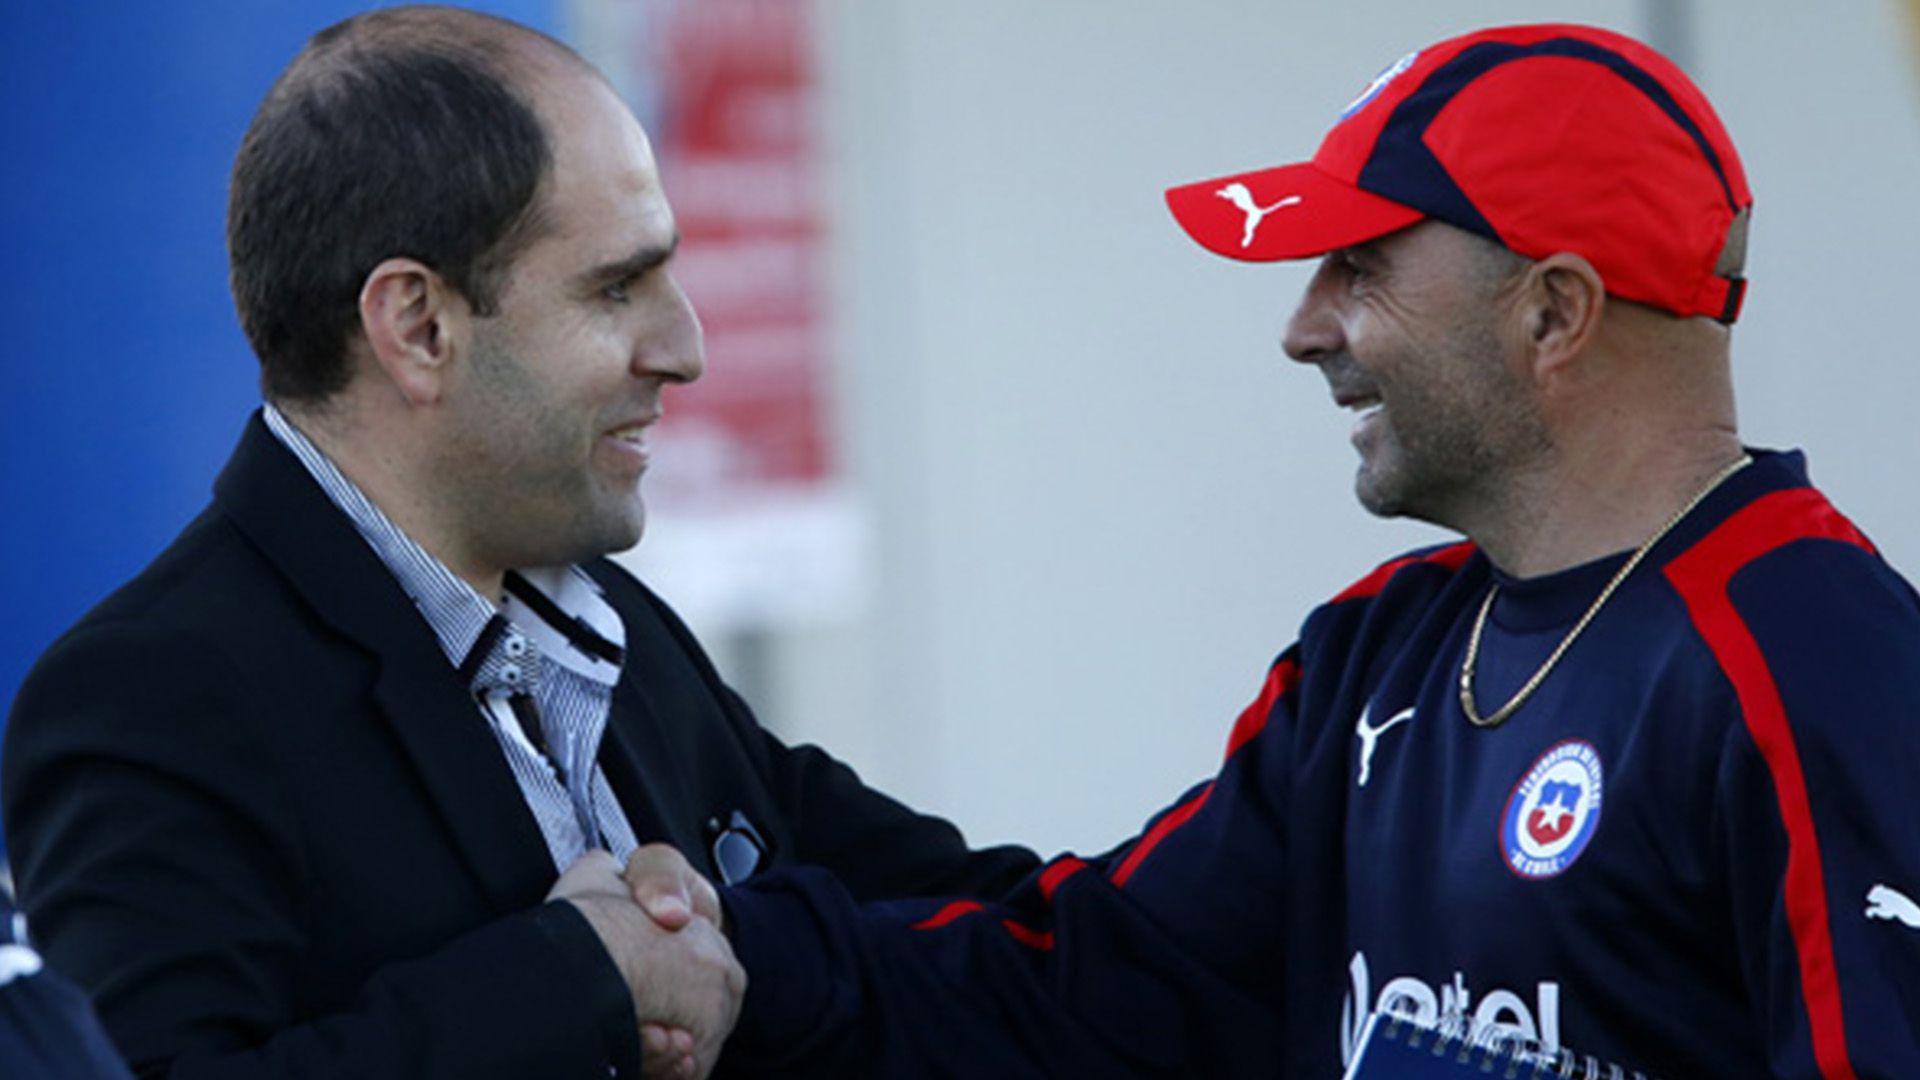 Durante la gestión de Jadue, Chile ganó la Copa América con Jorge Sampaoli como entrenador (EFE)